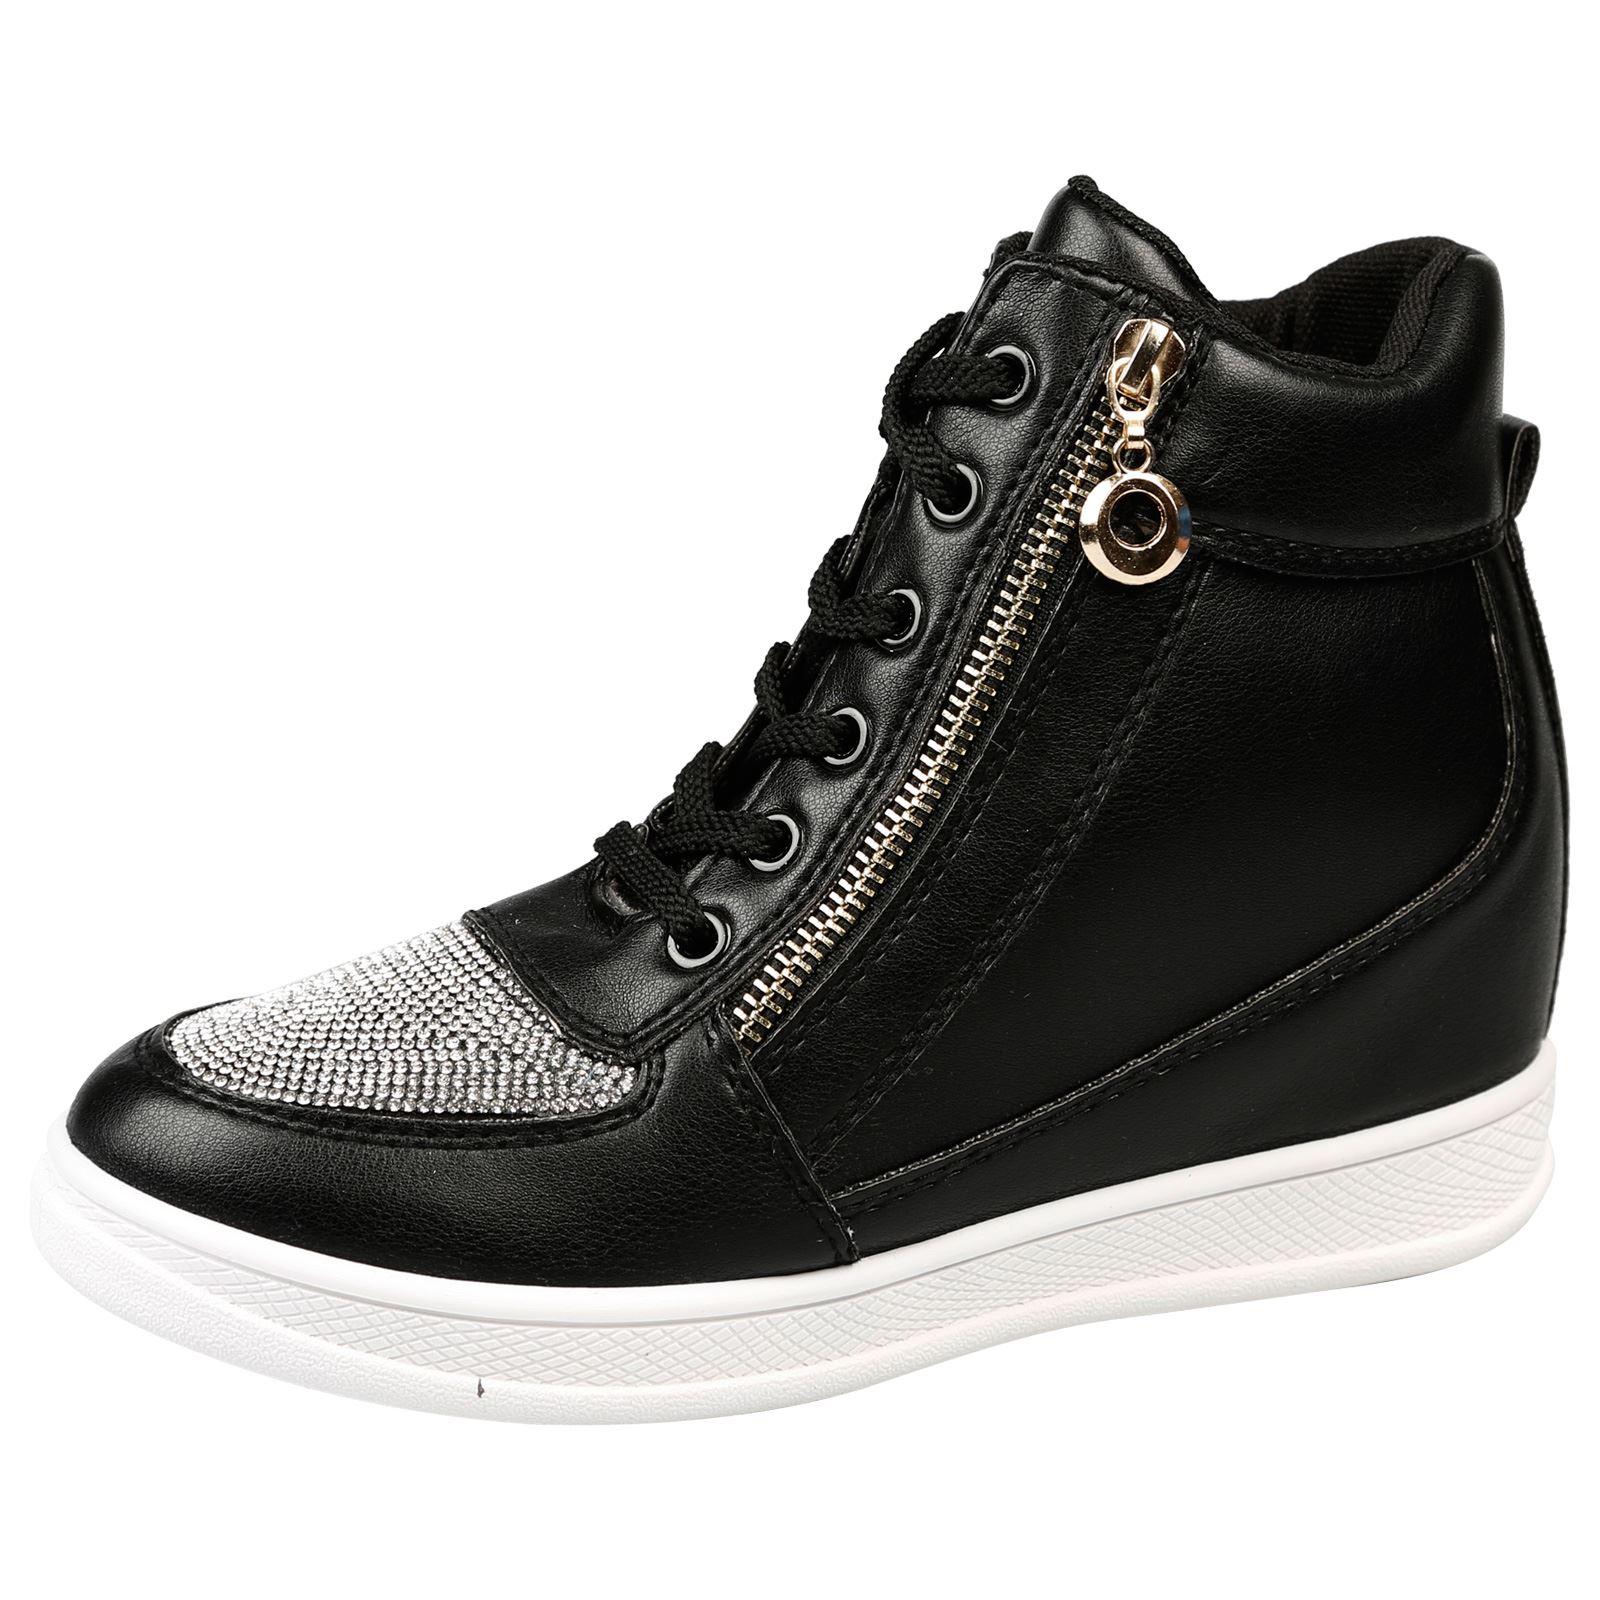 Mujer Zapatos Damas Botas al Tobillo High Top Zapatillas Cuña Oculta Talla Diamante Nuevo